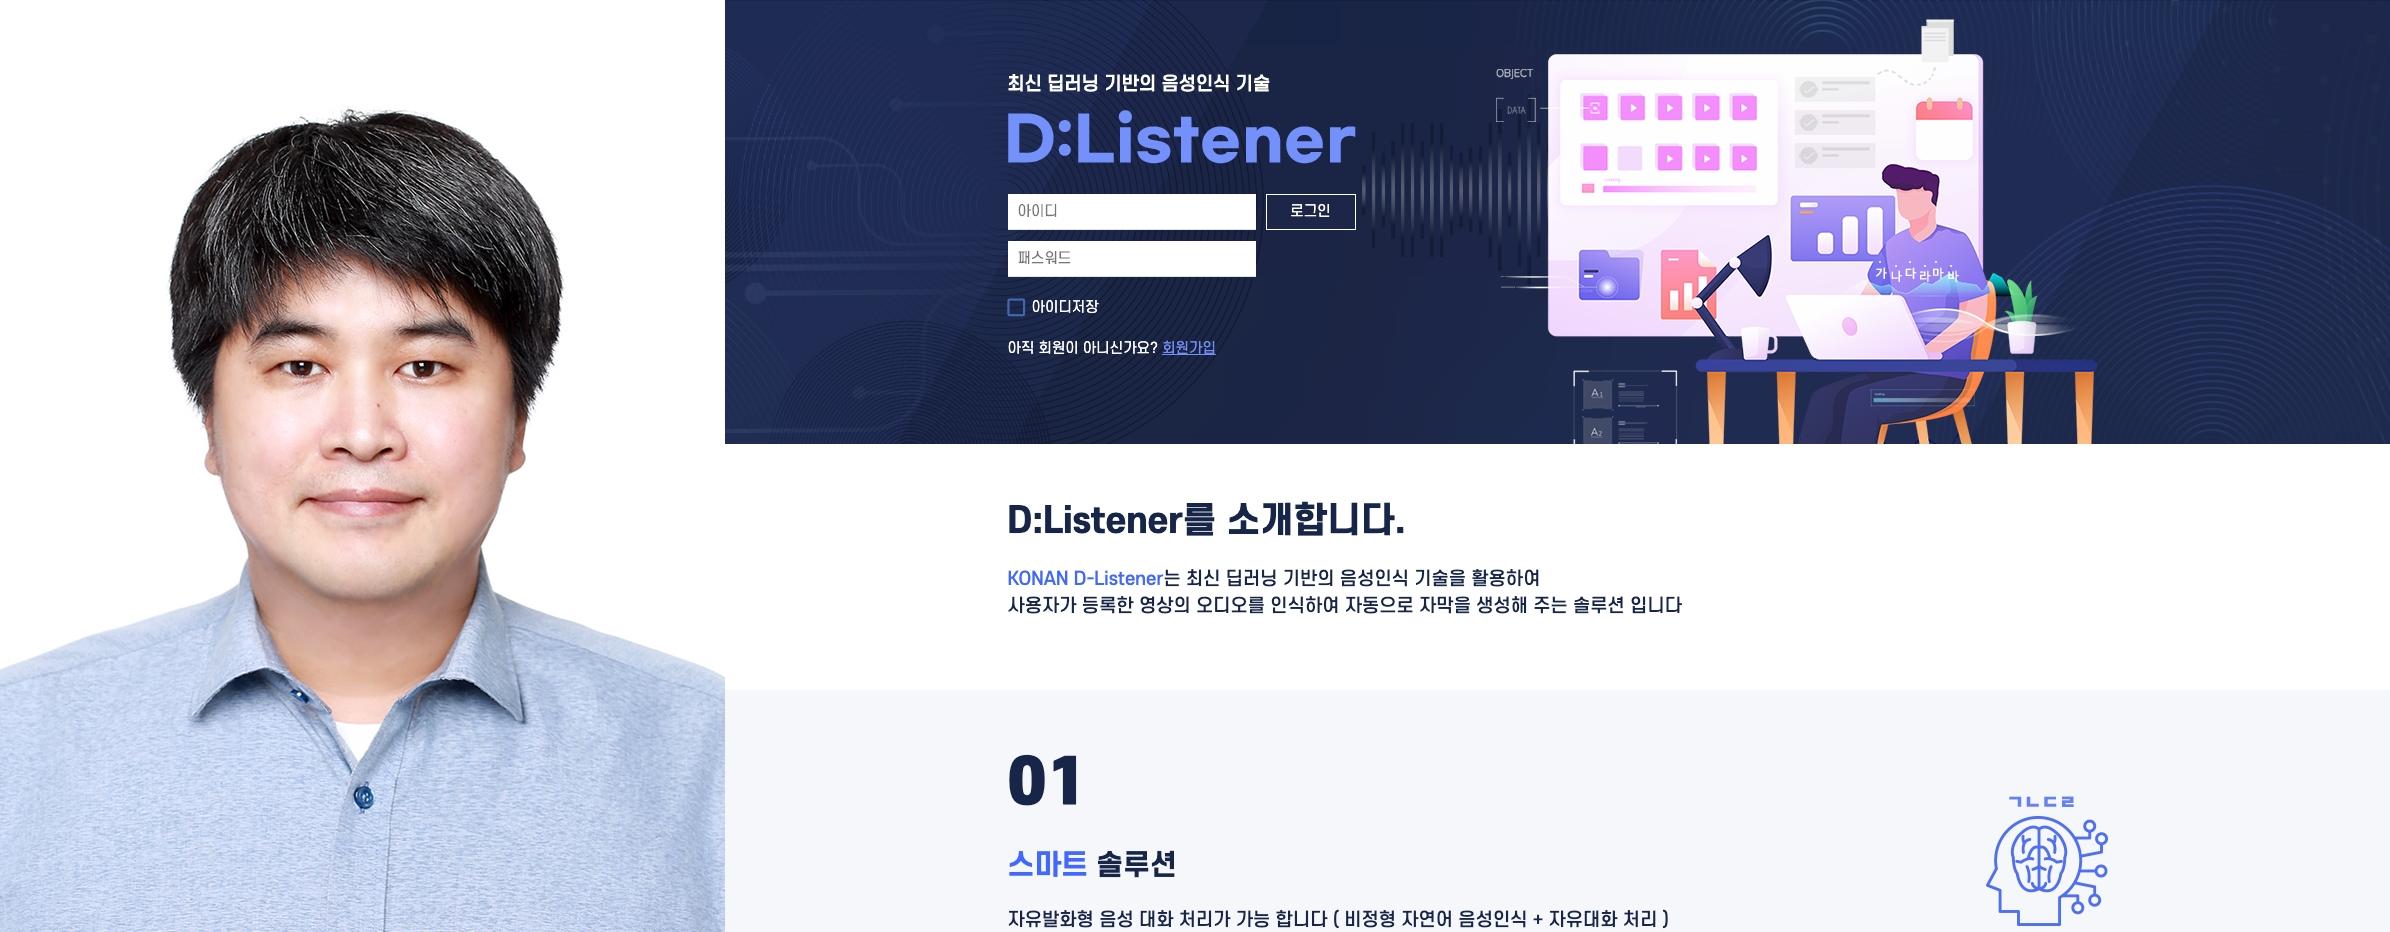 d-listener